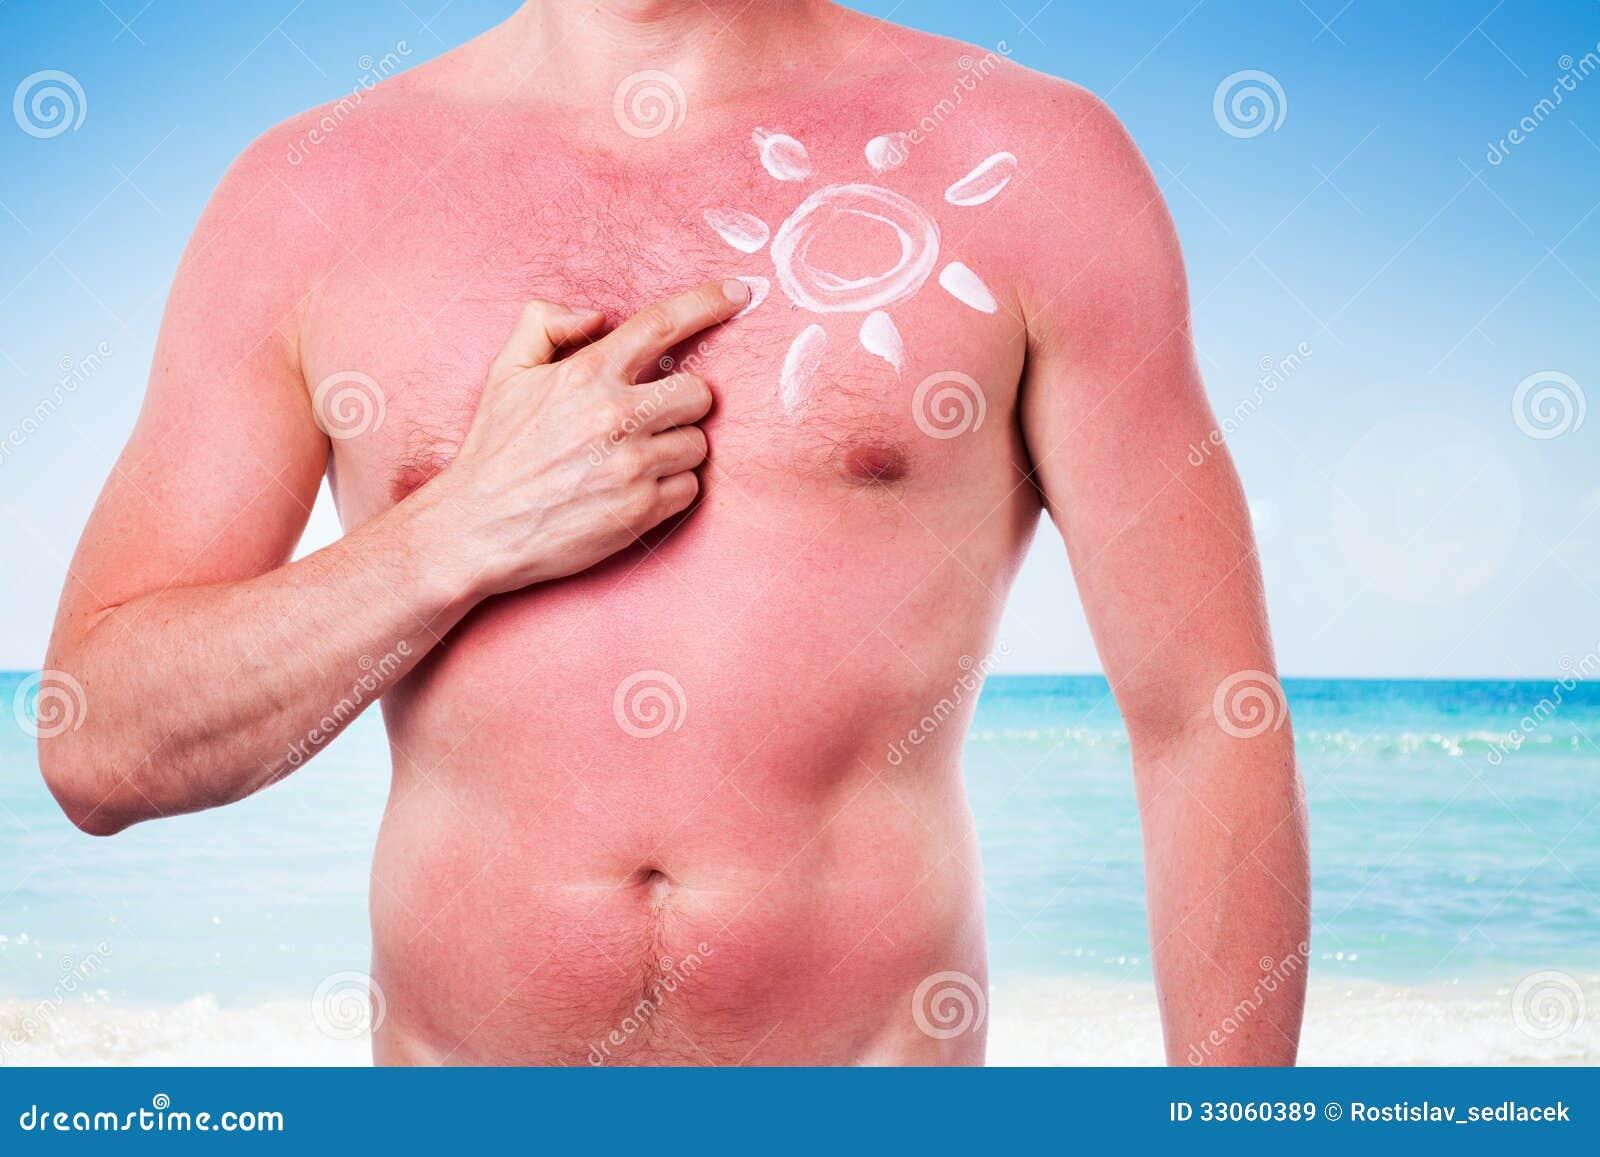 Homme avec un coup de soleil image stock image du plage sant 33060389 - Coup de soleil tache blanche ...